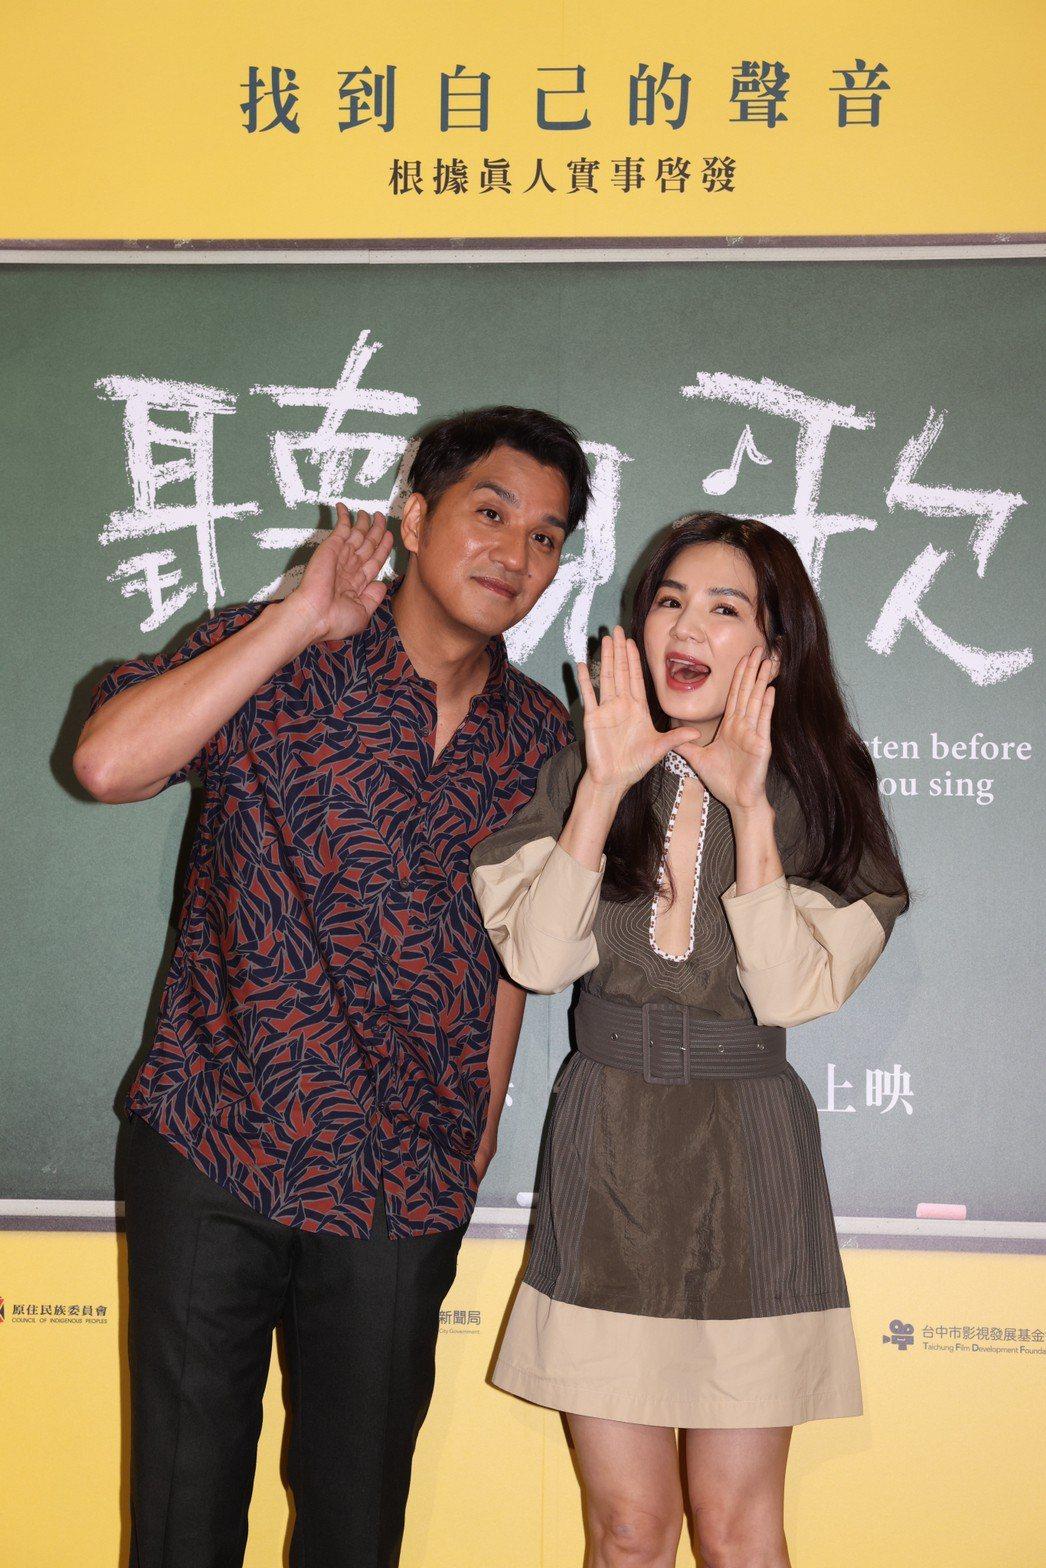 馬志翔(左)與Ella(右)「聽見歌再唱」默契十足。記者王聰賢攝影